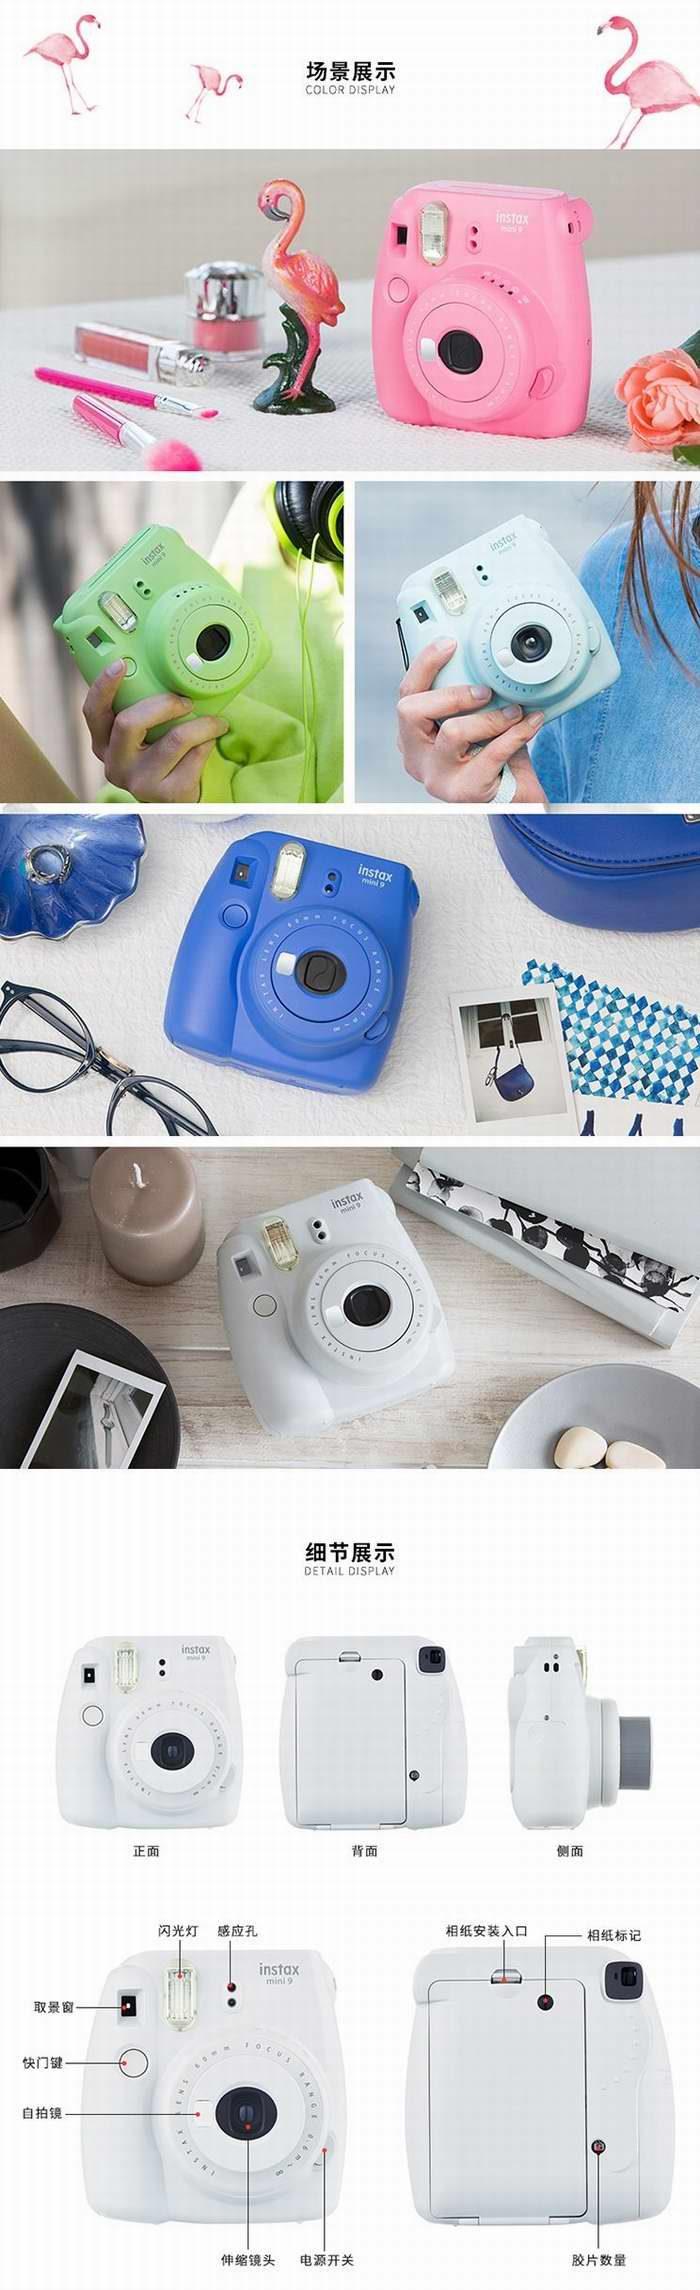 历史最低价!Fujifilm Instax Mini 9 拍立得相机 69加元包邮!8色可选!